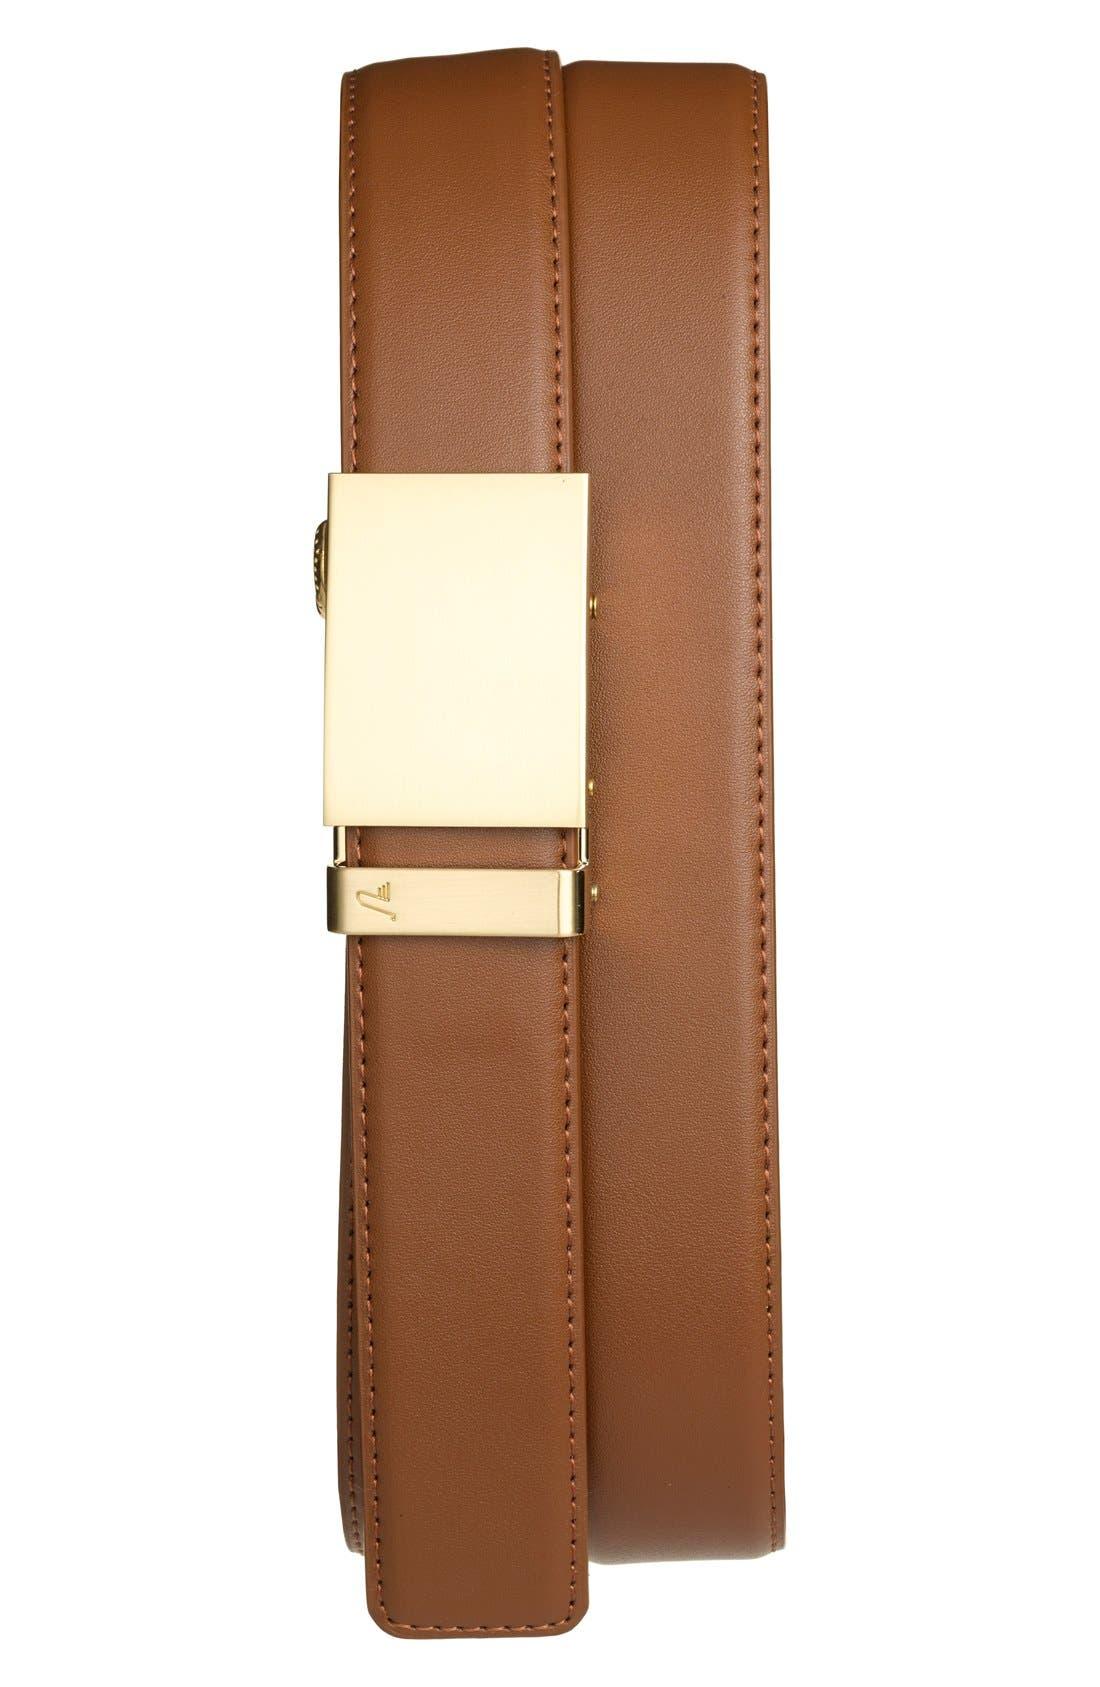 MISSION BELT 'Gold' Leather Belt, Main, color, GOLD/ TAN